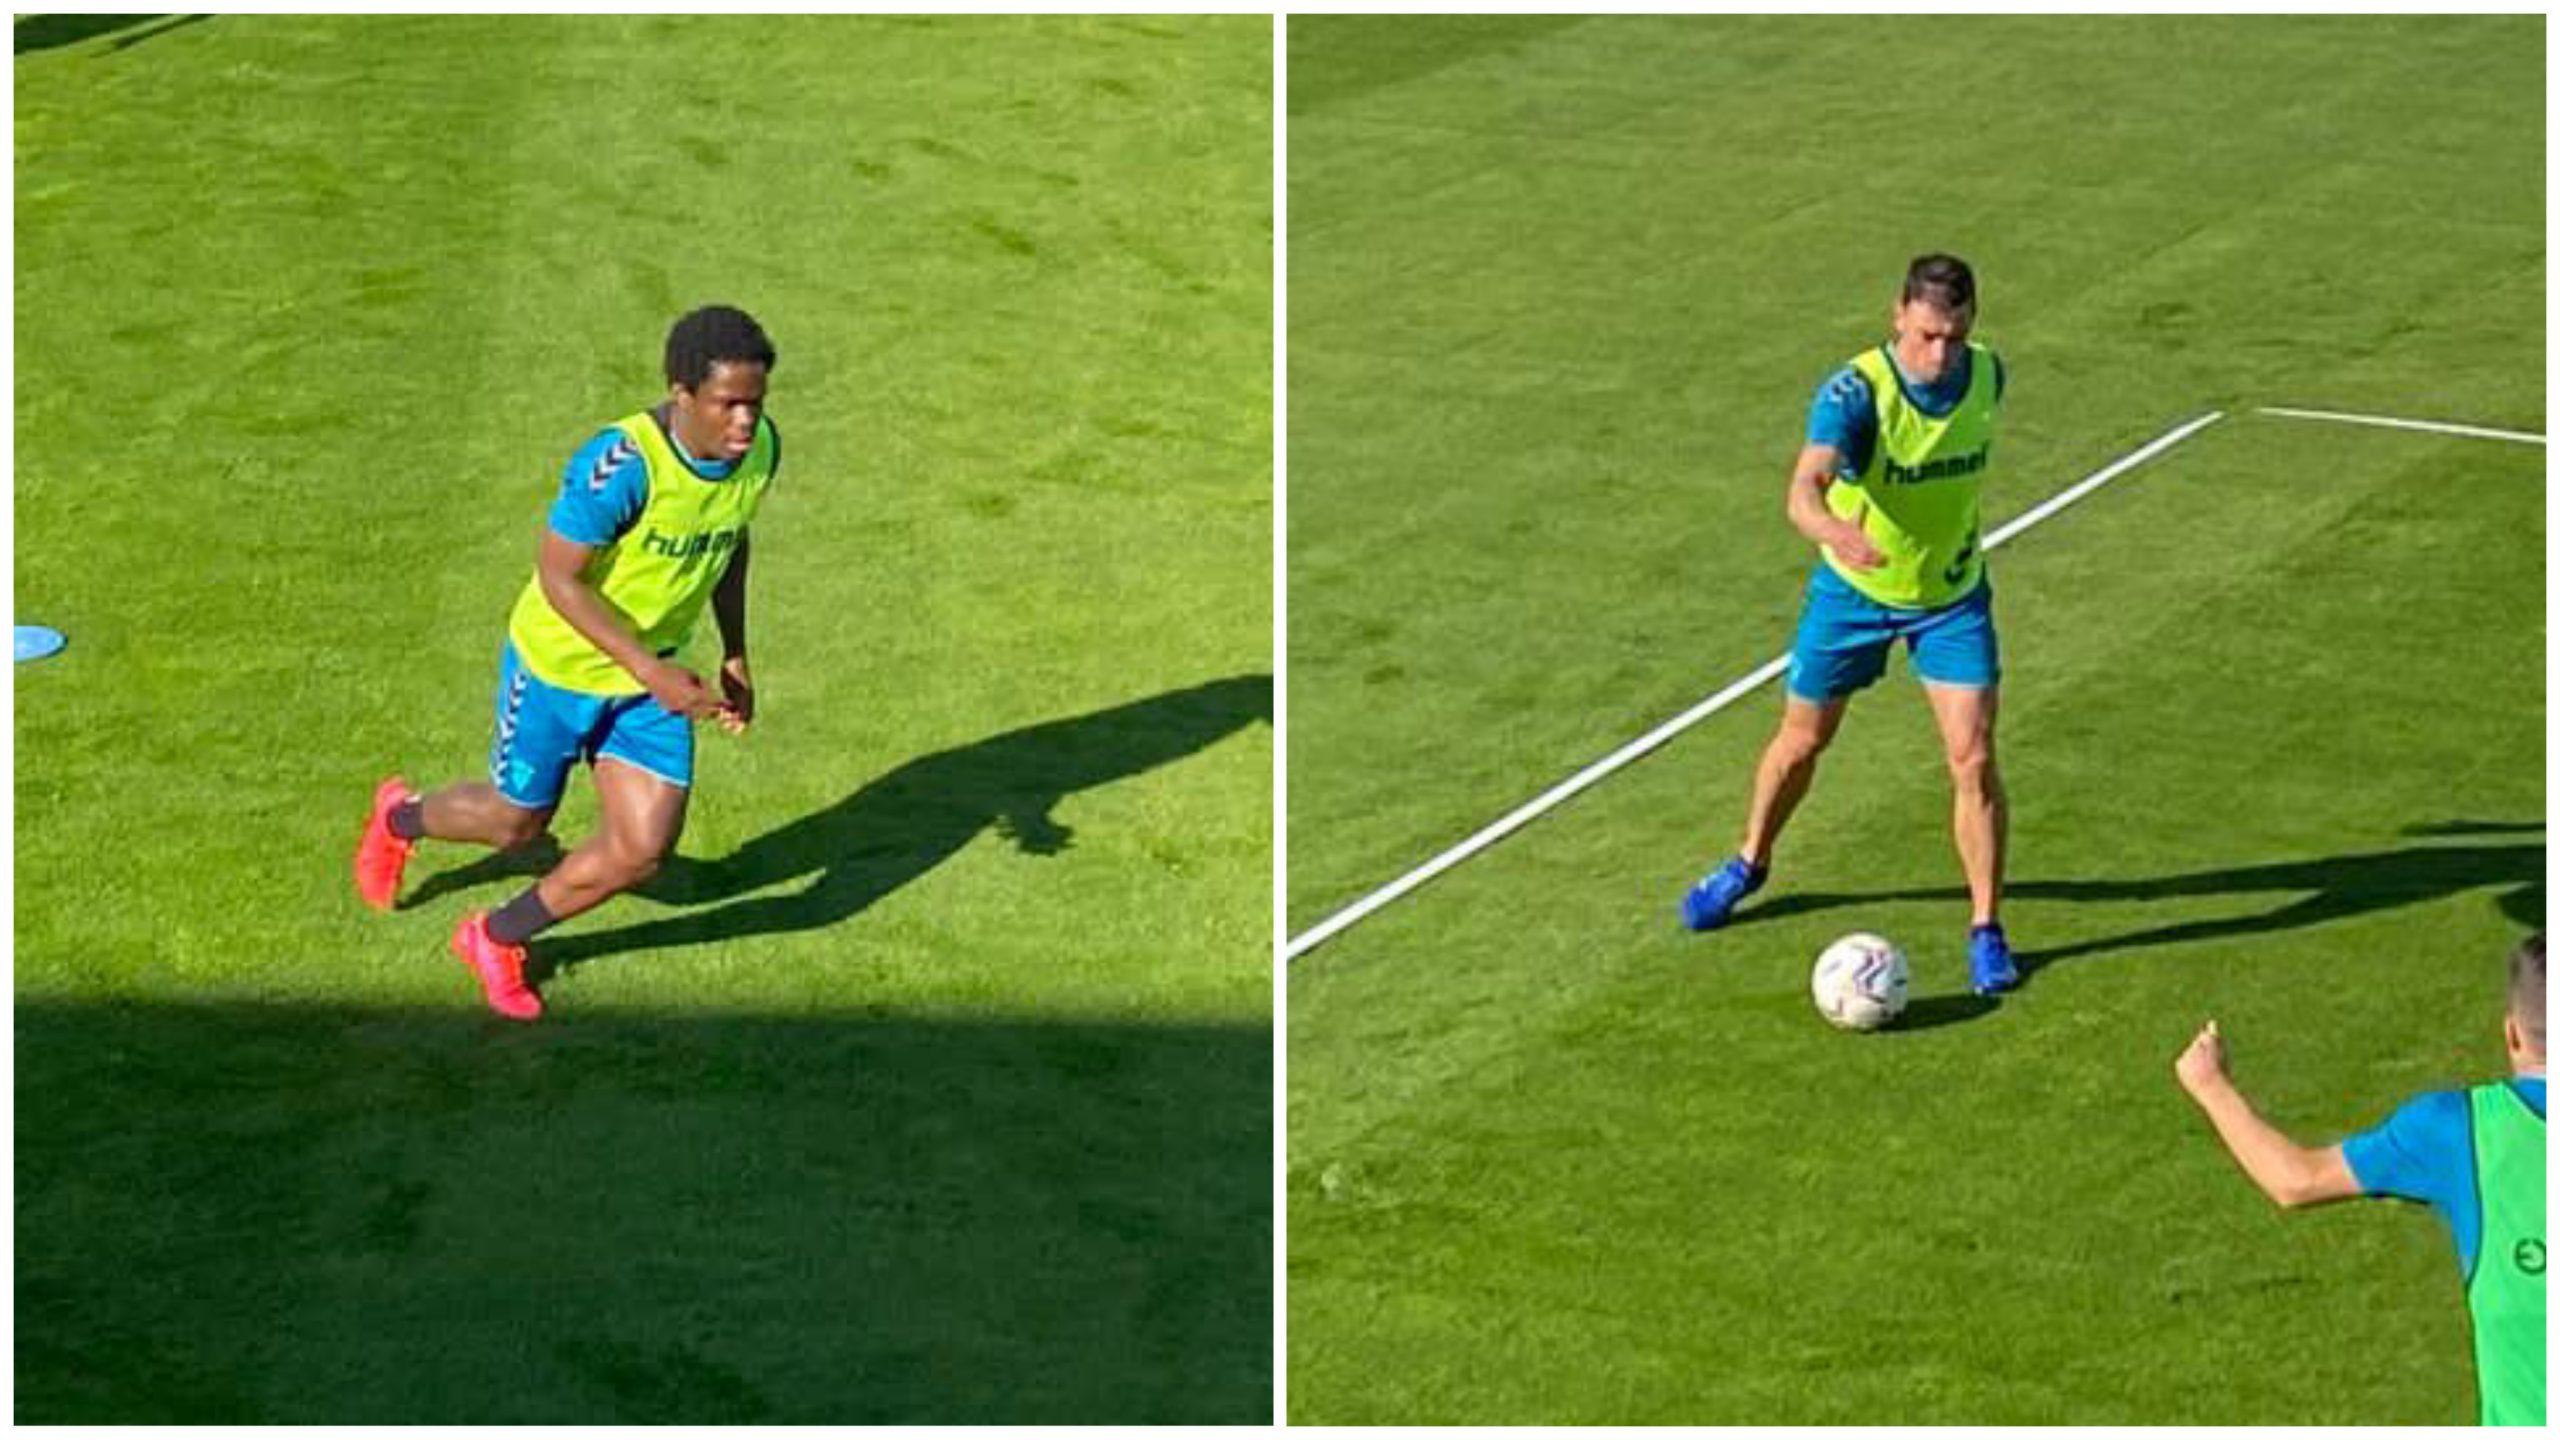 Entrenamiento del Alba con Jean Jules (izquierda) y Gorosito (derecha) tras sus respectivas lesiones. Luis Martinez/ESRadio Albacete